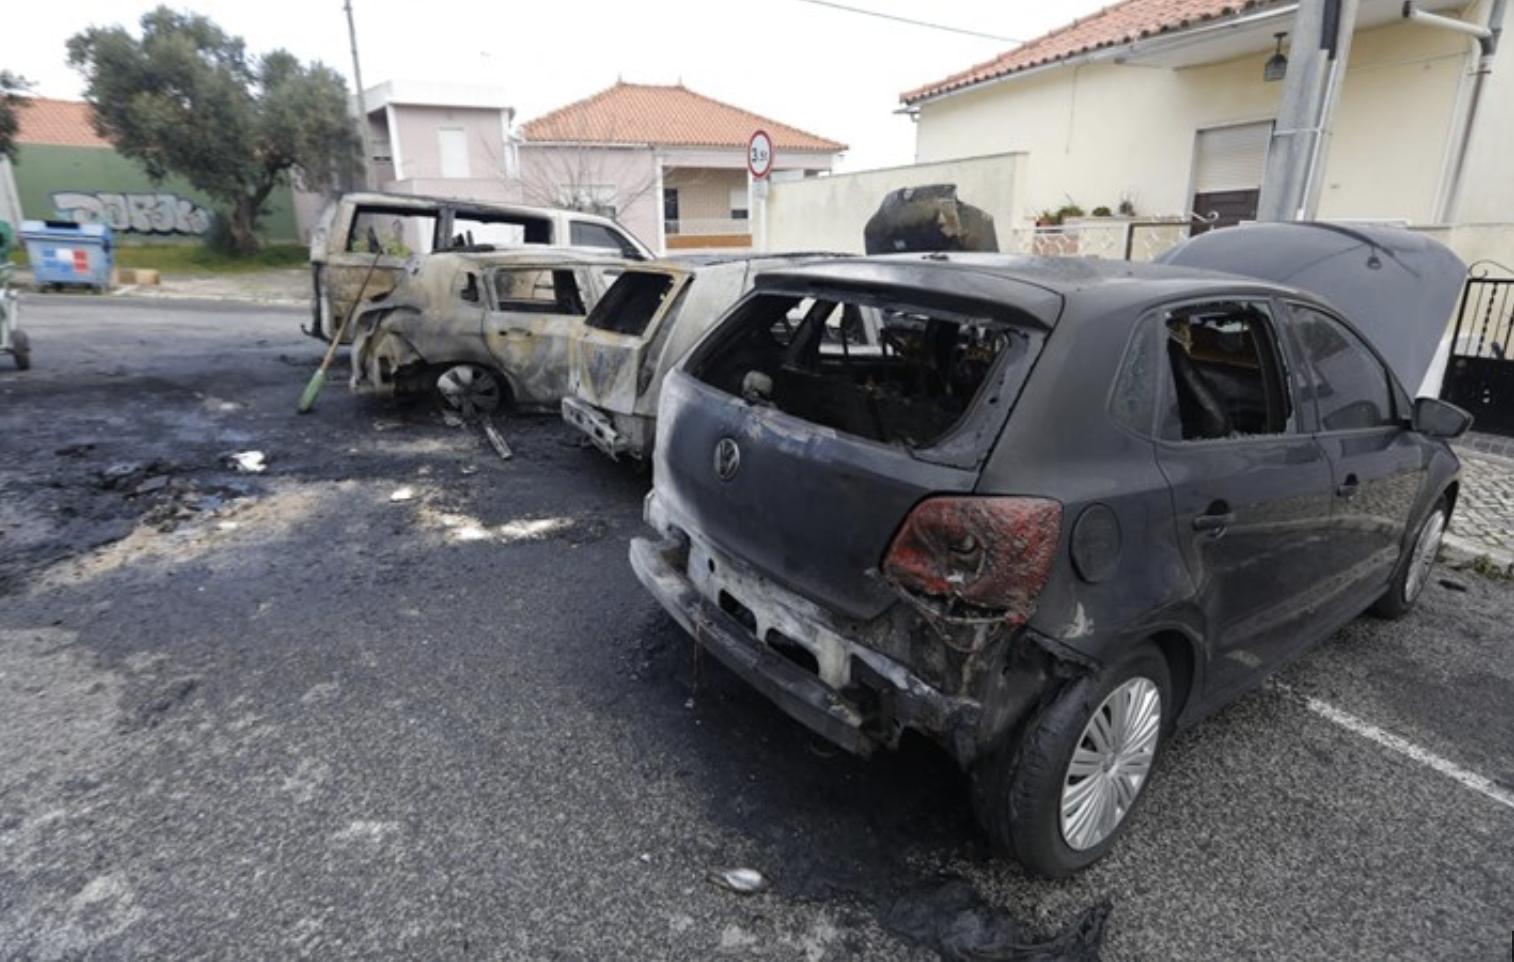 Le Portugal connait une crise de violence et la police est attaquée par des cocktails Molotov - Photo de © Vítor Mota - Correio da Manha